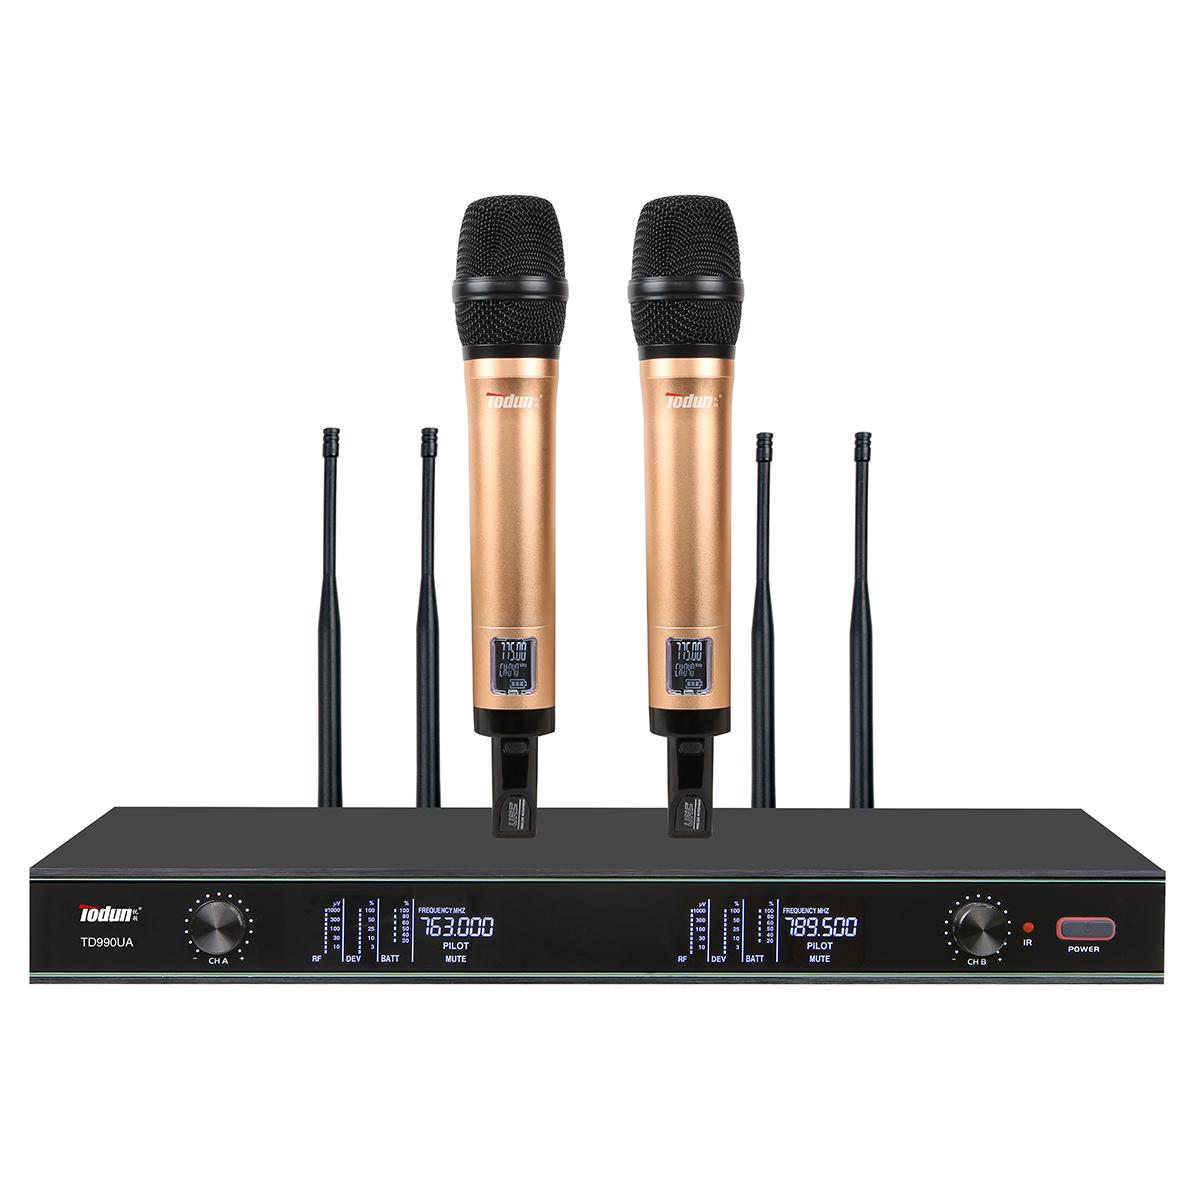 无线话筒一拖二【真分集】TD990UA 手持话筒领夹无线麦克风远距离专业话筒